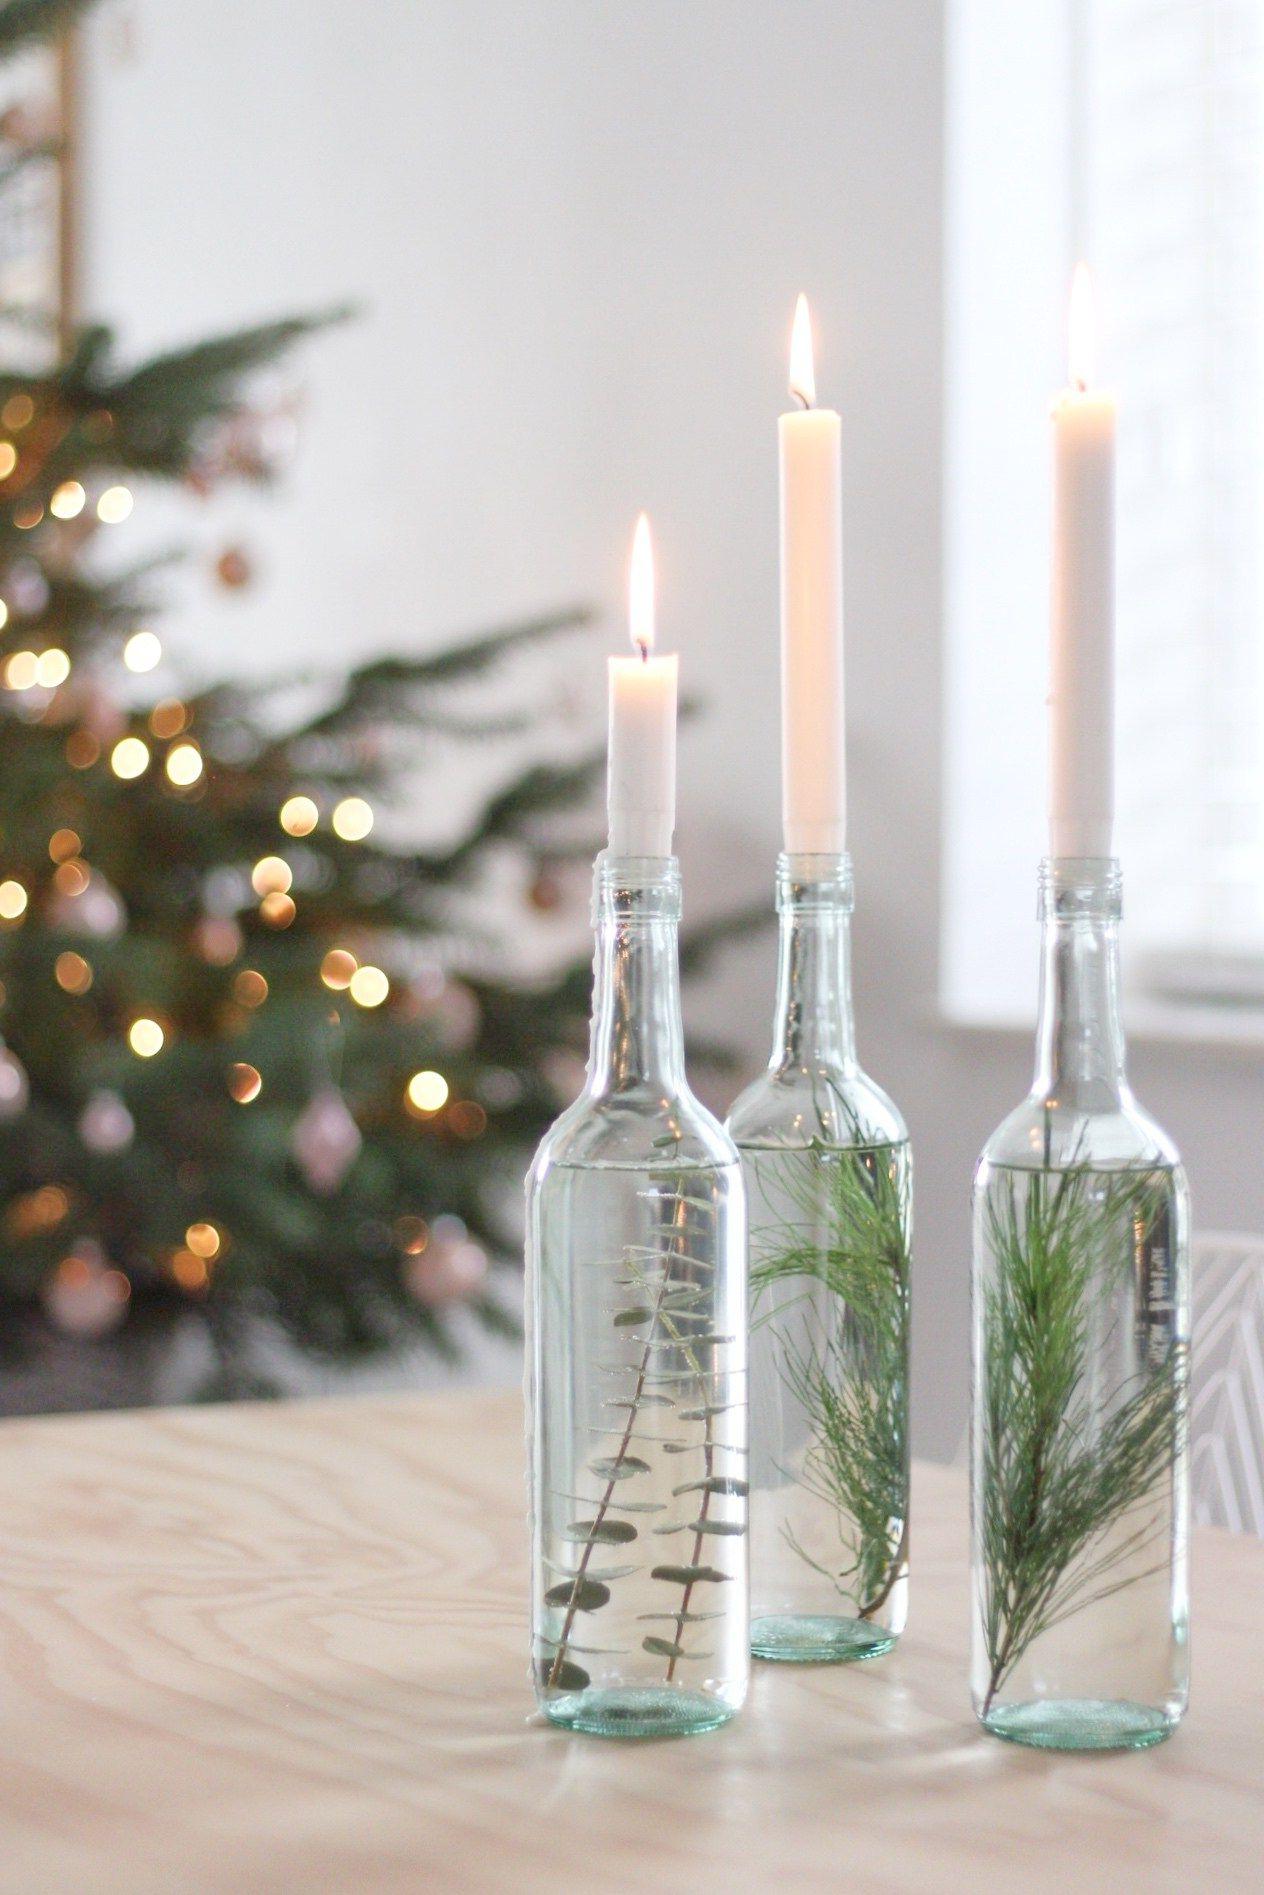 Une excellente alternative aux bocaux de Noël traditionnels à faire soi-même